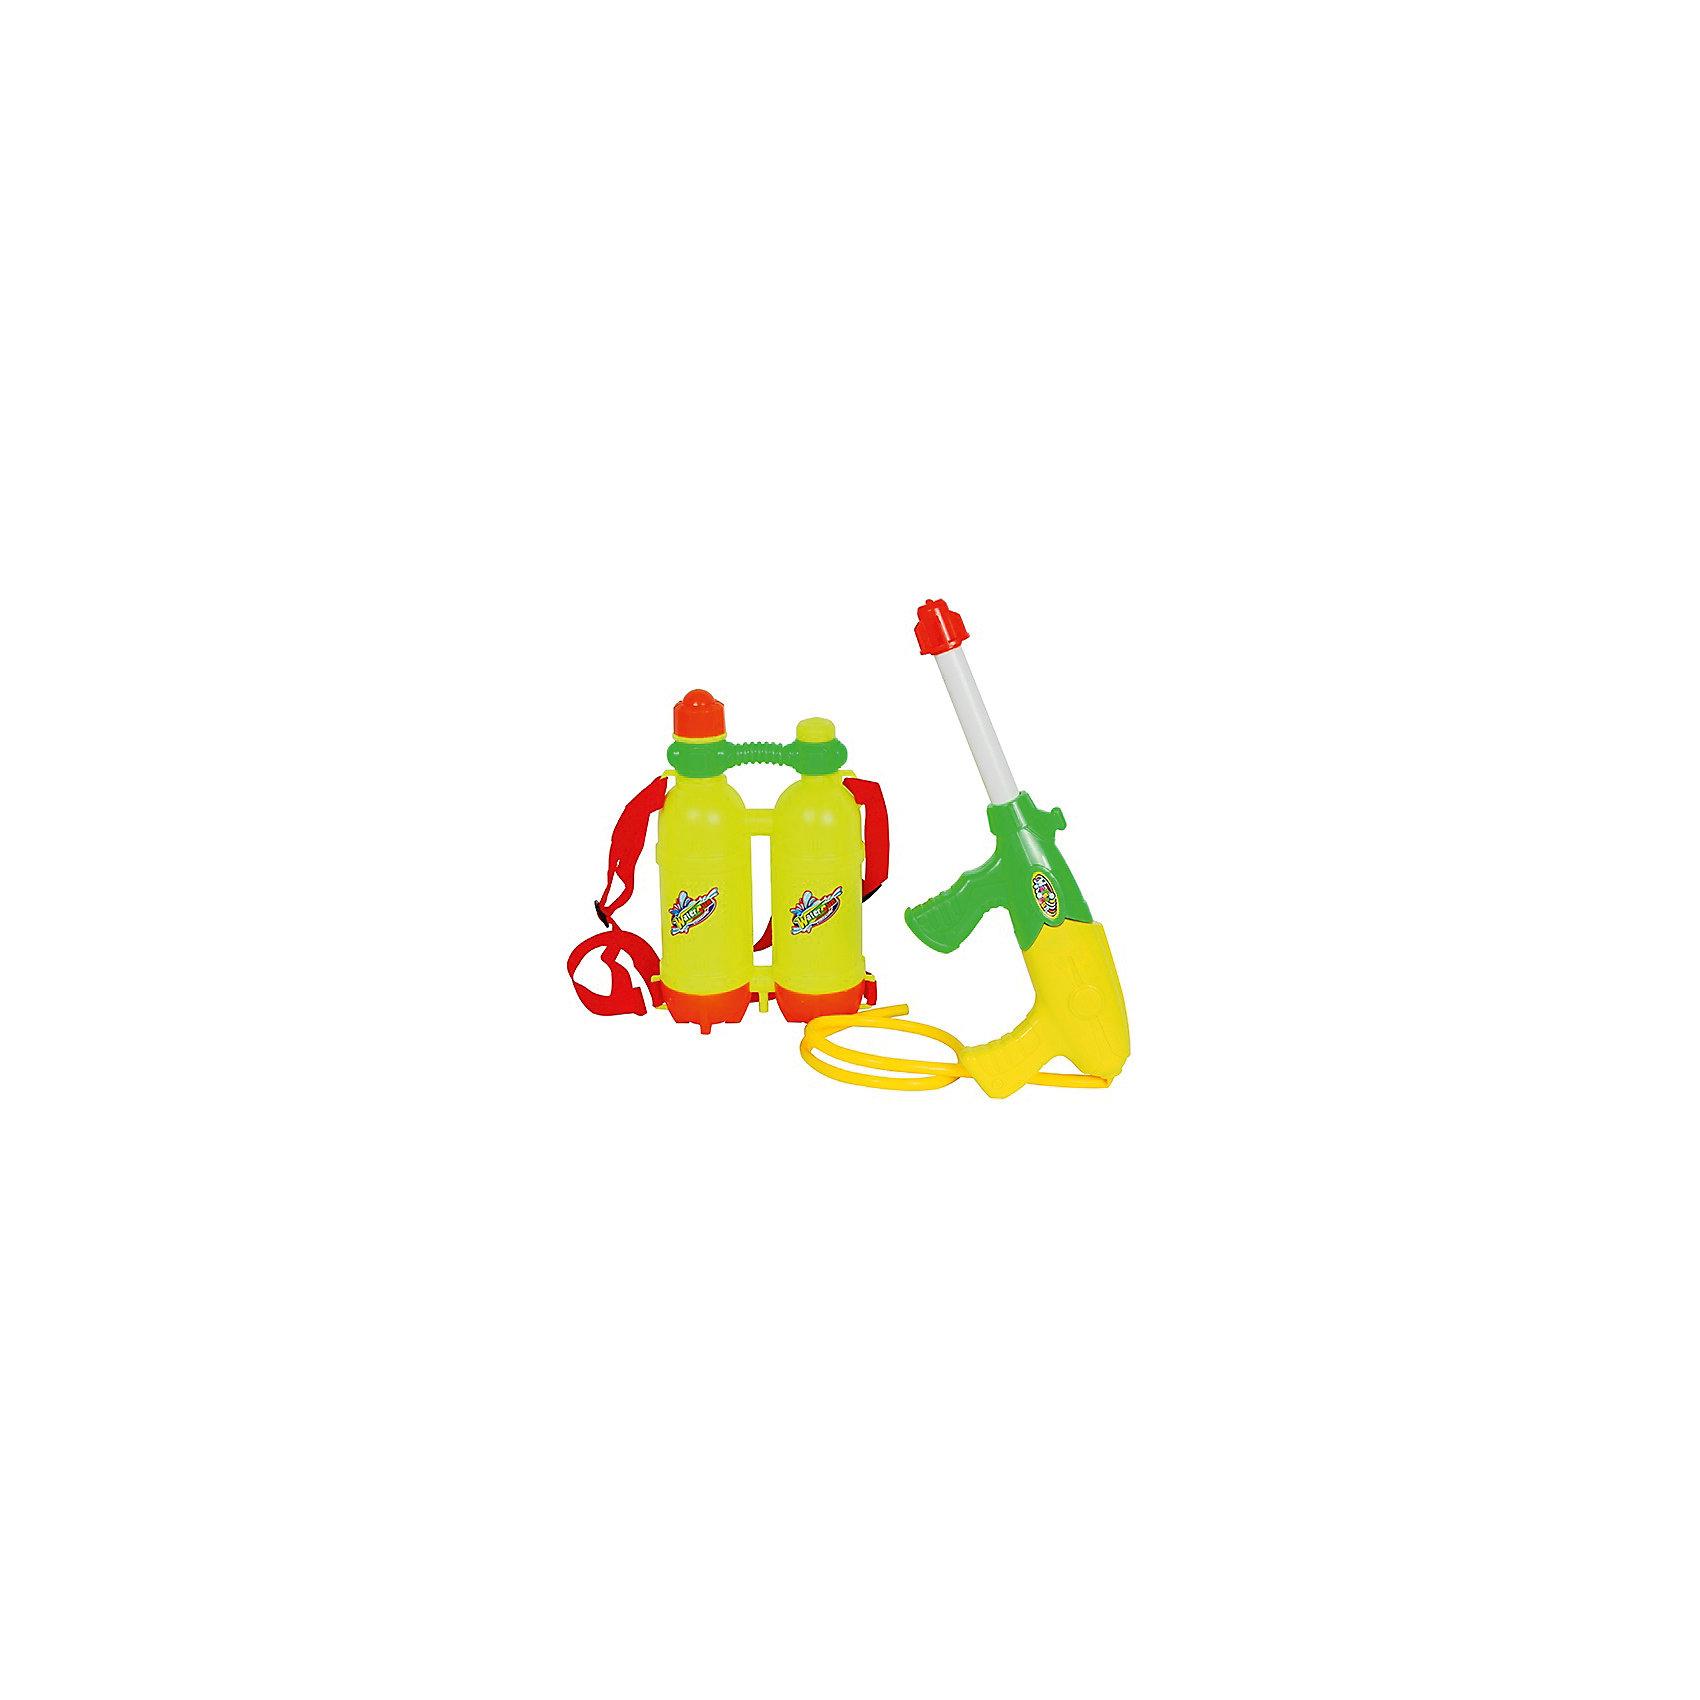 Водный автомат Водомёт, с ранцем-баллонами, 36 см, BebelotИгрушечное оружие<br>Водный автомат Водомёт, Bebelot, станет отличным развлечением в жаркие летние дни. Игрушка выполнена в ярком красочном дизайне и состоит из автомата и двух баллонов для воды. Все материалы качественные и прочные. Оружие-водомет удобно располагается в руке и легко заполняется водой. Вместительные баллоны для воды в виде ранца надежно фиксируются на спине благодаря широким лямкам. Юные любители пострелять могут устраивать настоящие водные сражения, бесконечно наполняя резервуар водой и поливая друг друга. Игры с водяным оружием не только увлекательны, но и безопасны для ребёнка, развивают глазомер, точность, меткость и ловкость.<br><br>Дополнительная информация:<br><br>- В комплекте: автомат, ранец из 2 баллонов.<br>- Материал: пластик.<br>- Длина водомета: 36 см.<br>- Размер ранца: 15 х 24 х 6,5 см. <br>- Размер упаковки: 36 х 28 х 7 см.<br>- Вес: 0,345.<br> <br>Водный автомат Водомёт, с ранцем-баллонами, 36 см., Bebelot, можно купить в нашем интернет-магазине.<br><br>Ширина мм: 360<br>Глубина мм: 280<br>Высота мм: 70<br>Вес г: 345<br>Возраст от месяцев: 36<br>Возраст до месяцев: 72<br>Пол: Унисекс<br>Возраст: Детский<br>SKU: 4622212